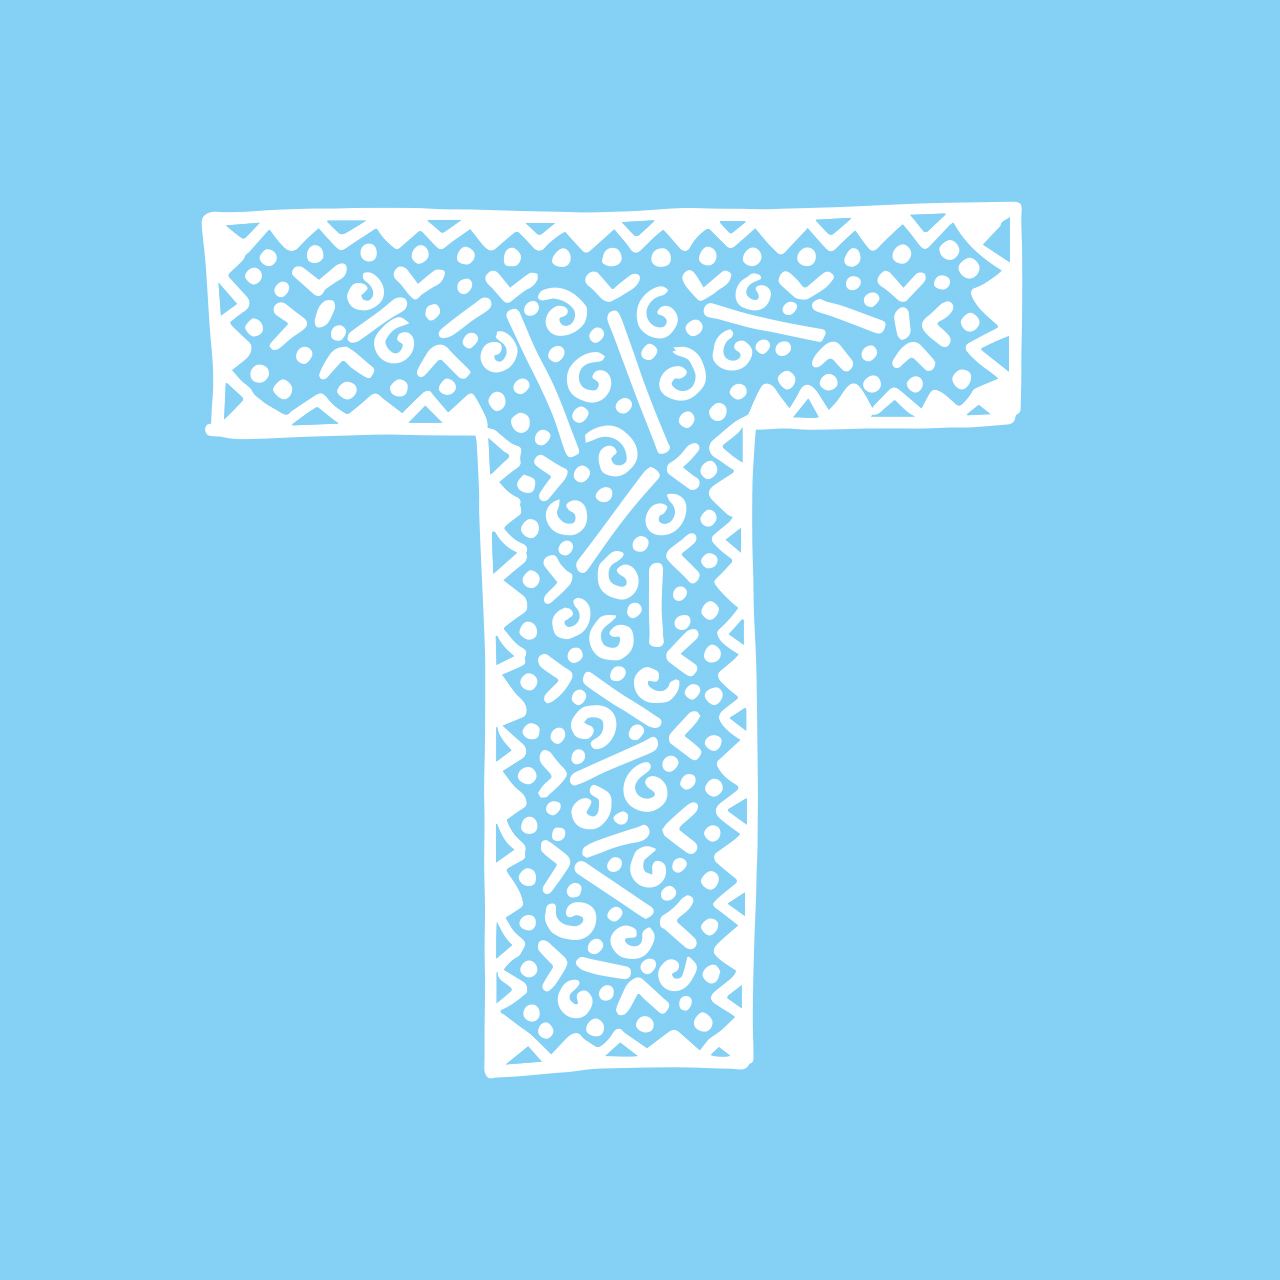 Simple_LettersArtboard 1_20.jpg